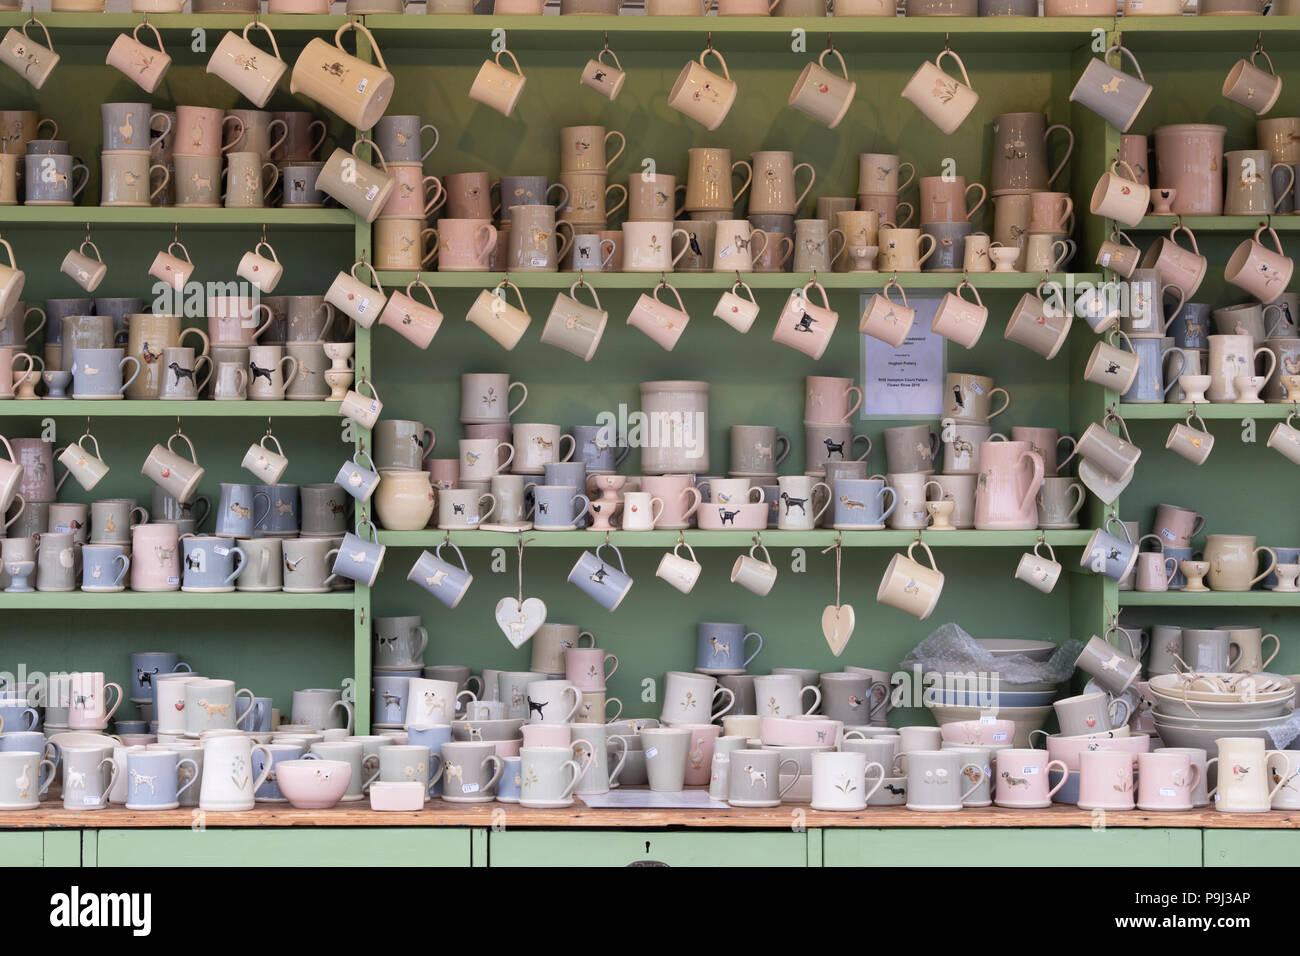 Soporte de cerámica Hogben en Hampton Court Flower Show 2018. Londres. UK Foto de stock